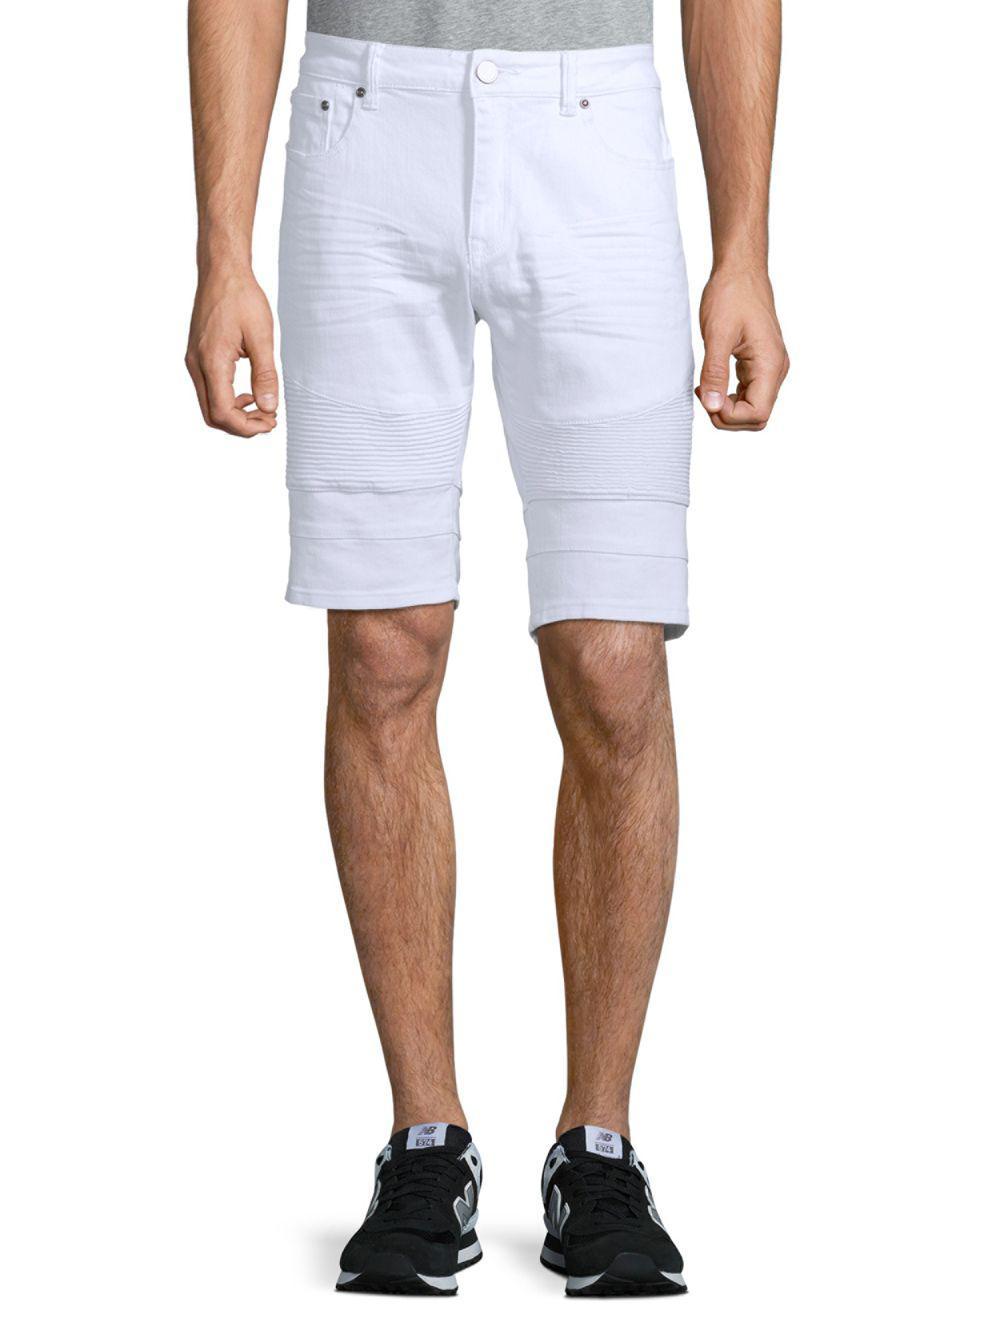 d414d2363b Lyst - Xray Jeans Moto Denim Shorts in White for Men